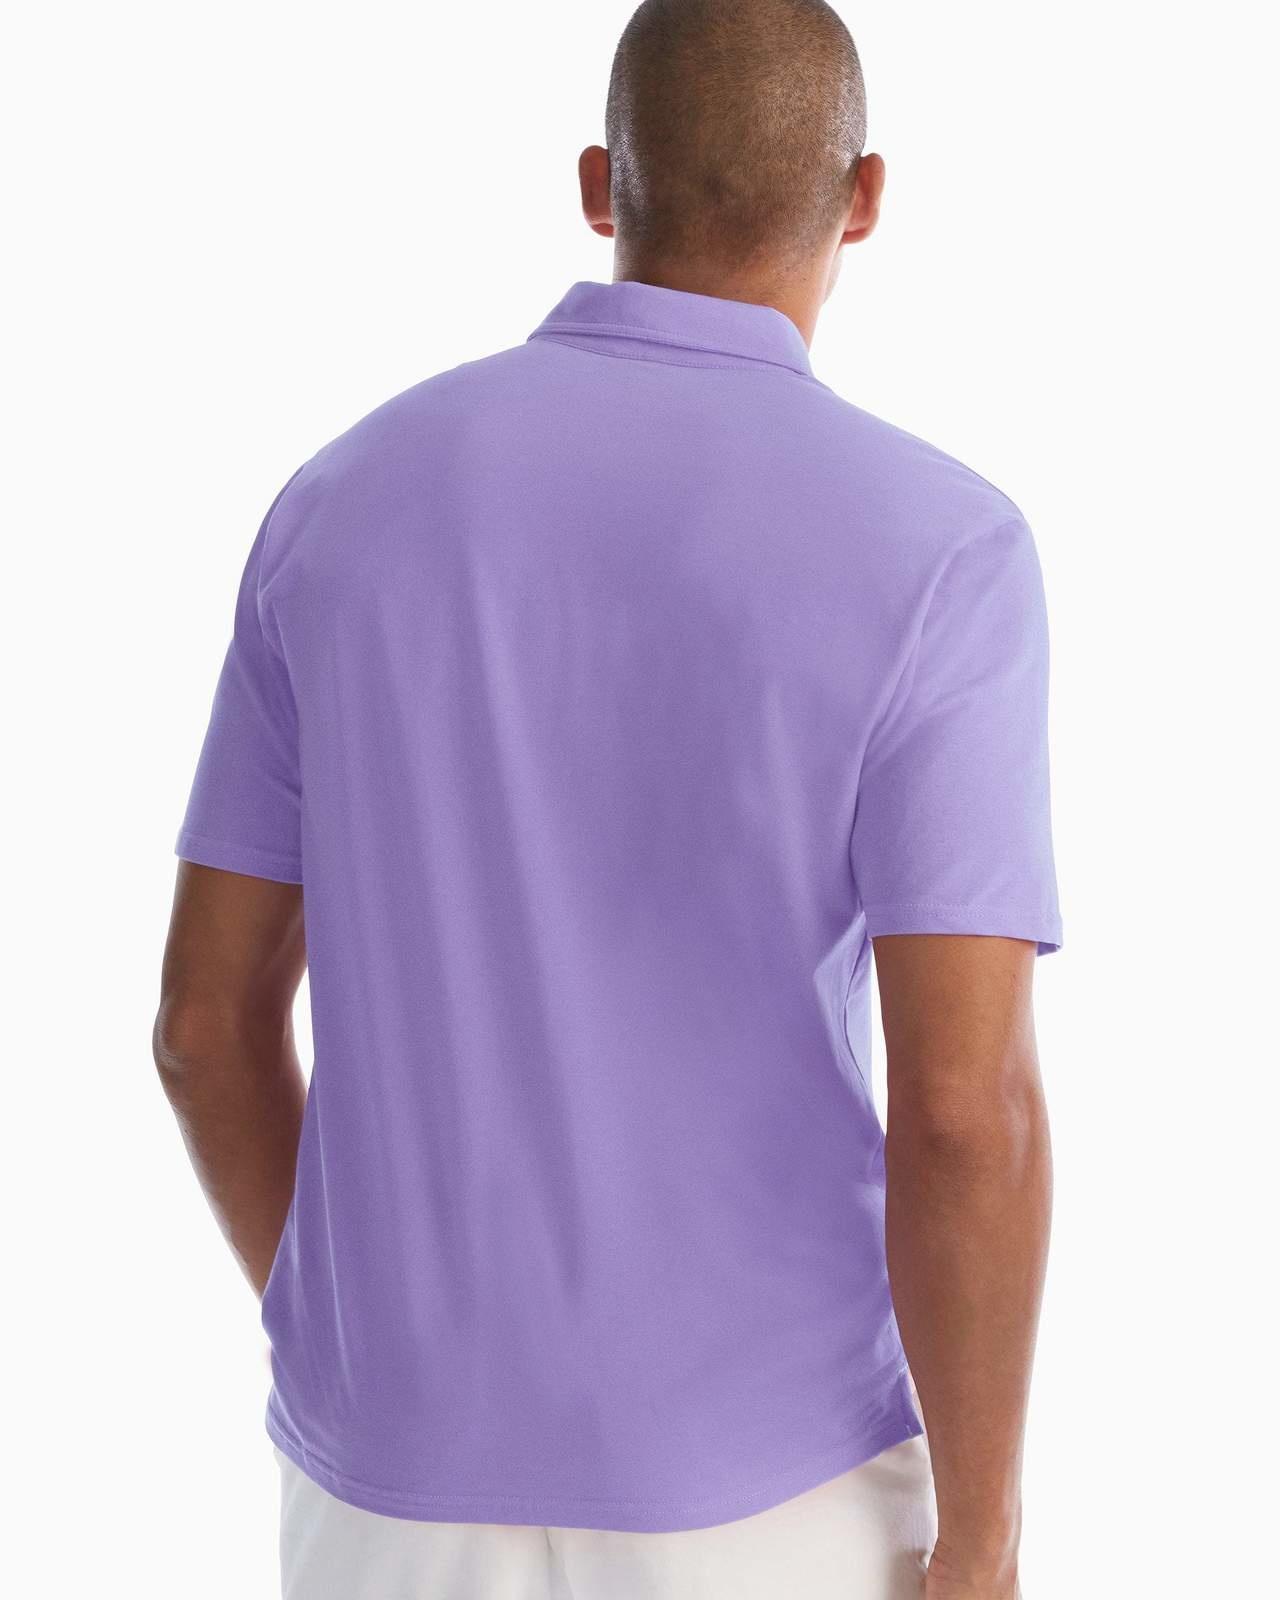 Johnnie-O Johnnie-O The Original Shirt